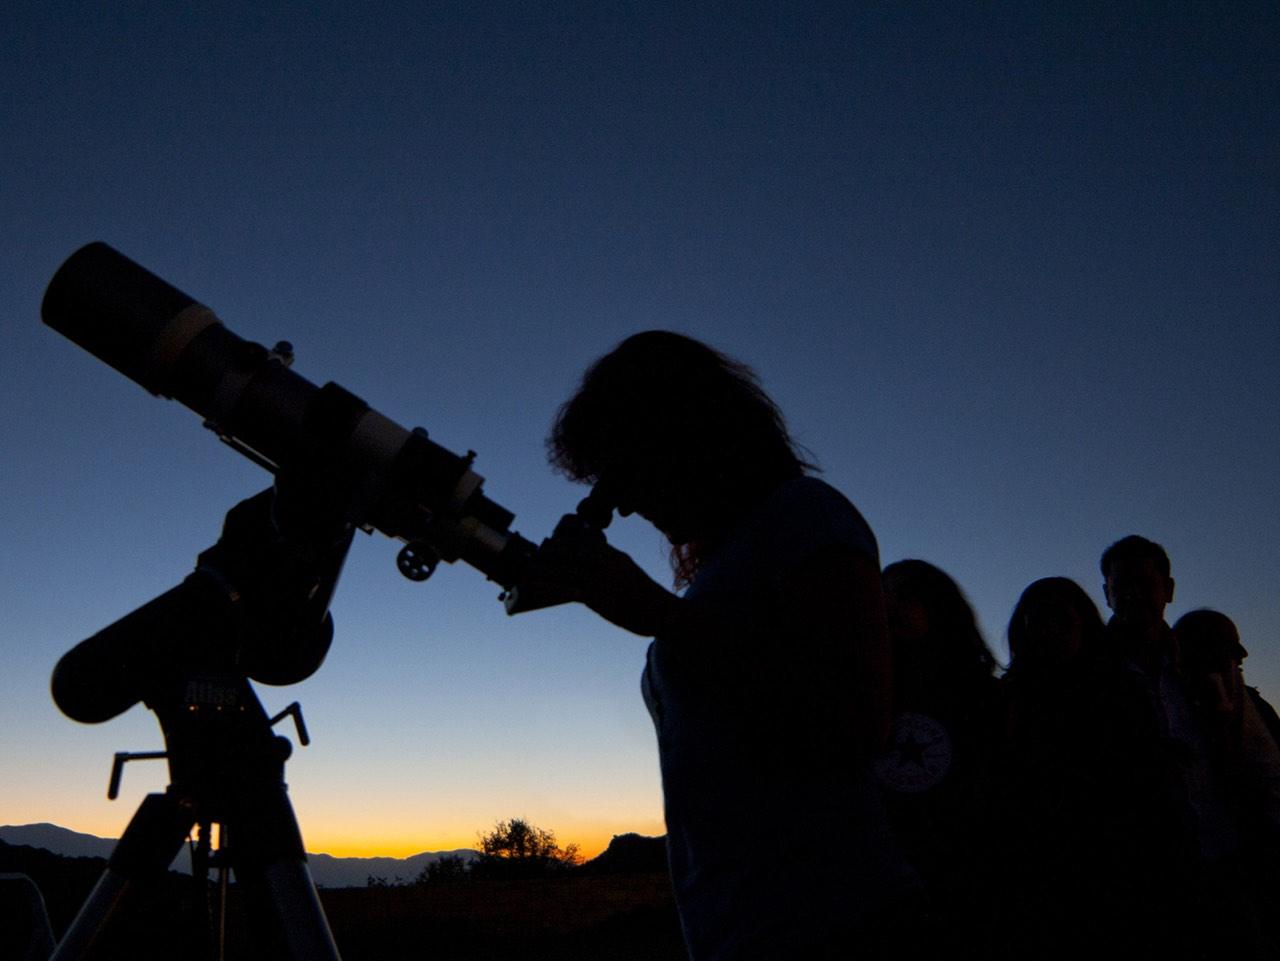 Starry Nights In Crete, gaze stars discover universe Crete, stars gazing crete, astronomy tour crete, telescope tours crete, stargazing heraklion crete, star parties crete, best stargazing tour crete, constellations in the sky, cretan local astronomer